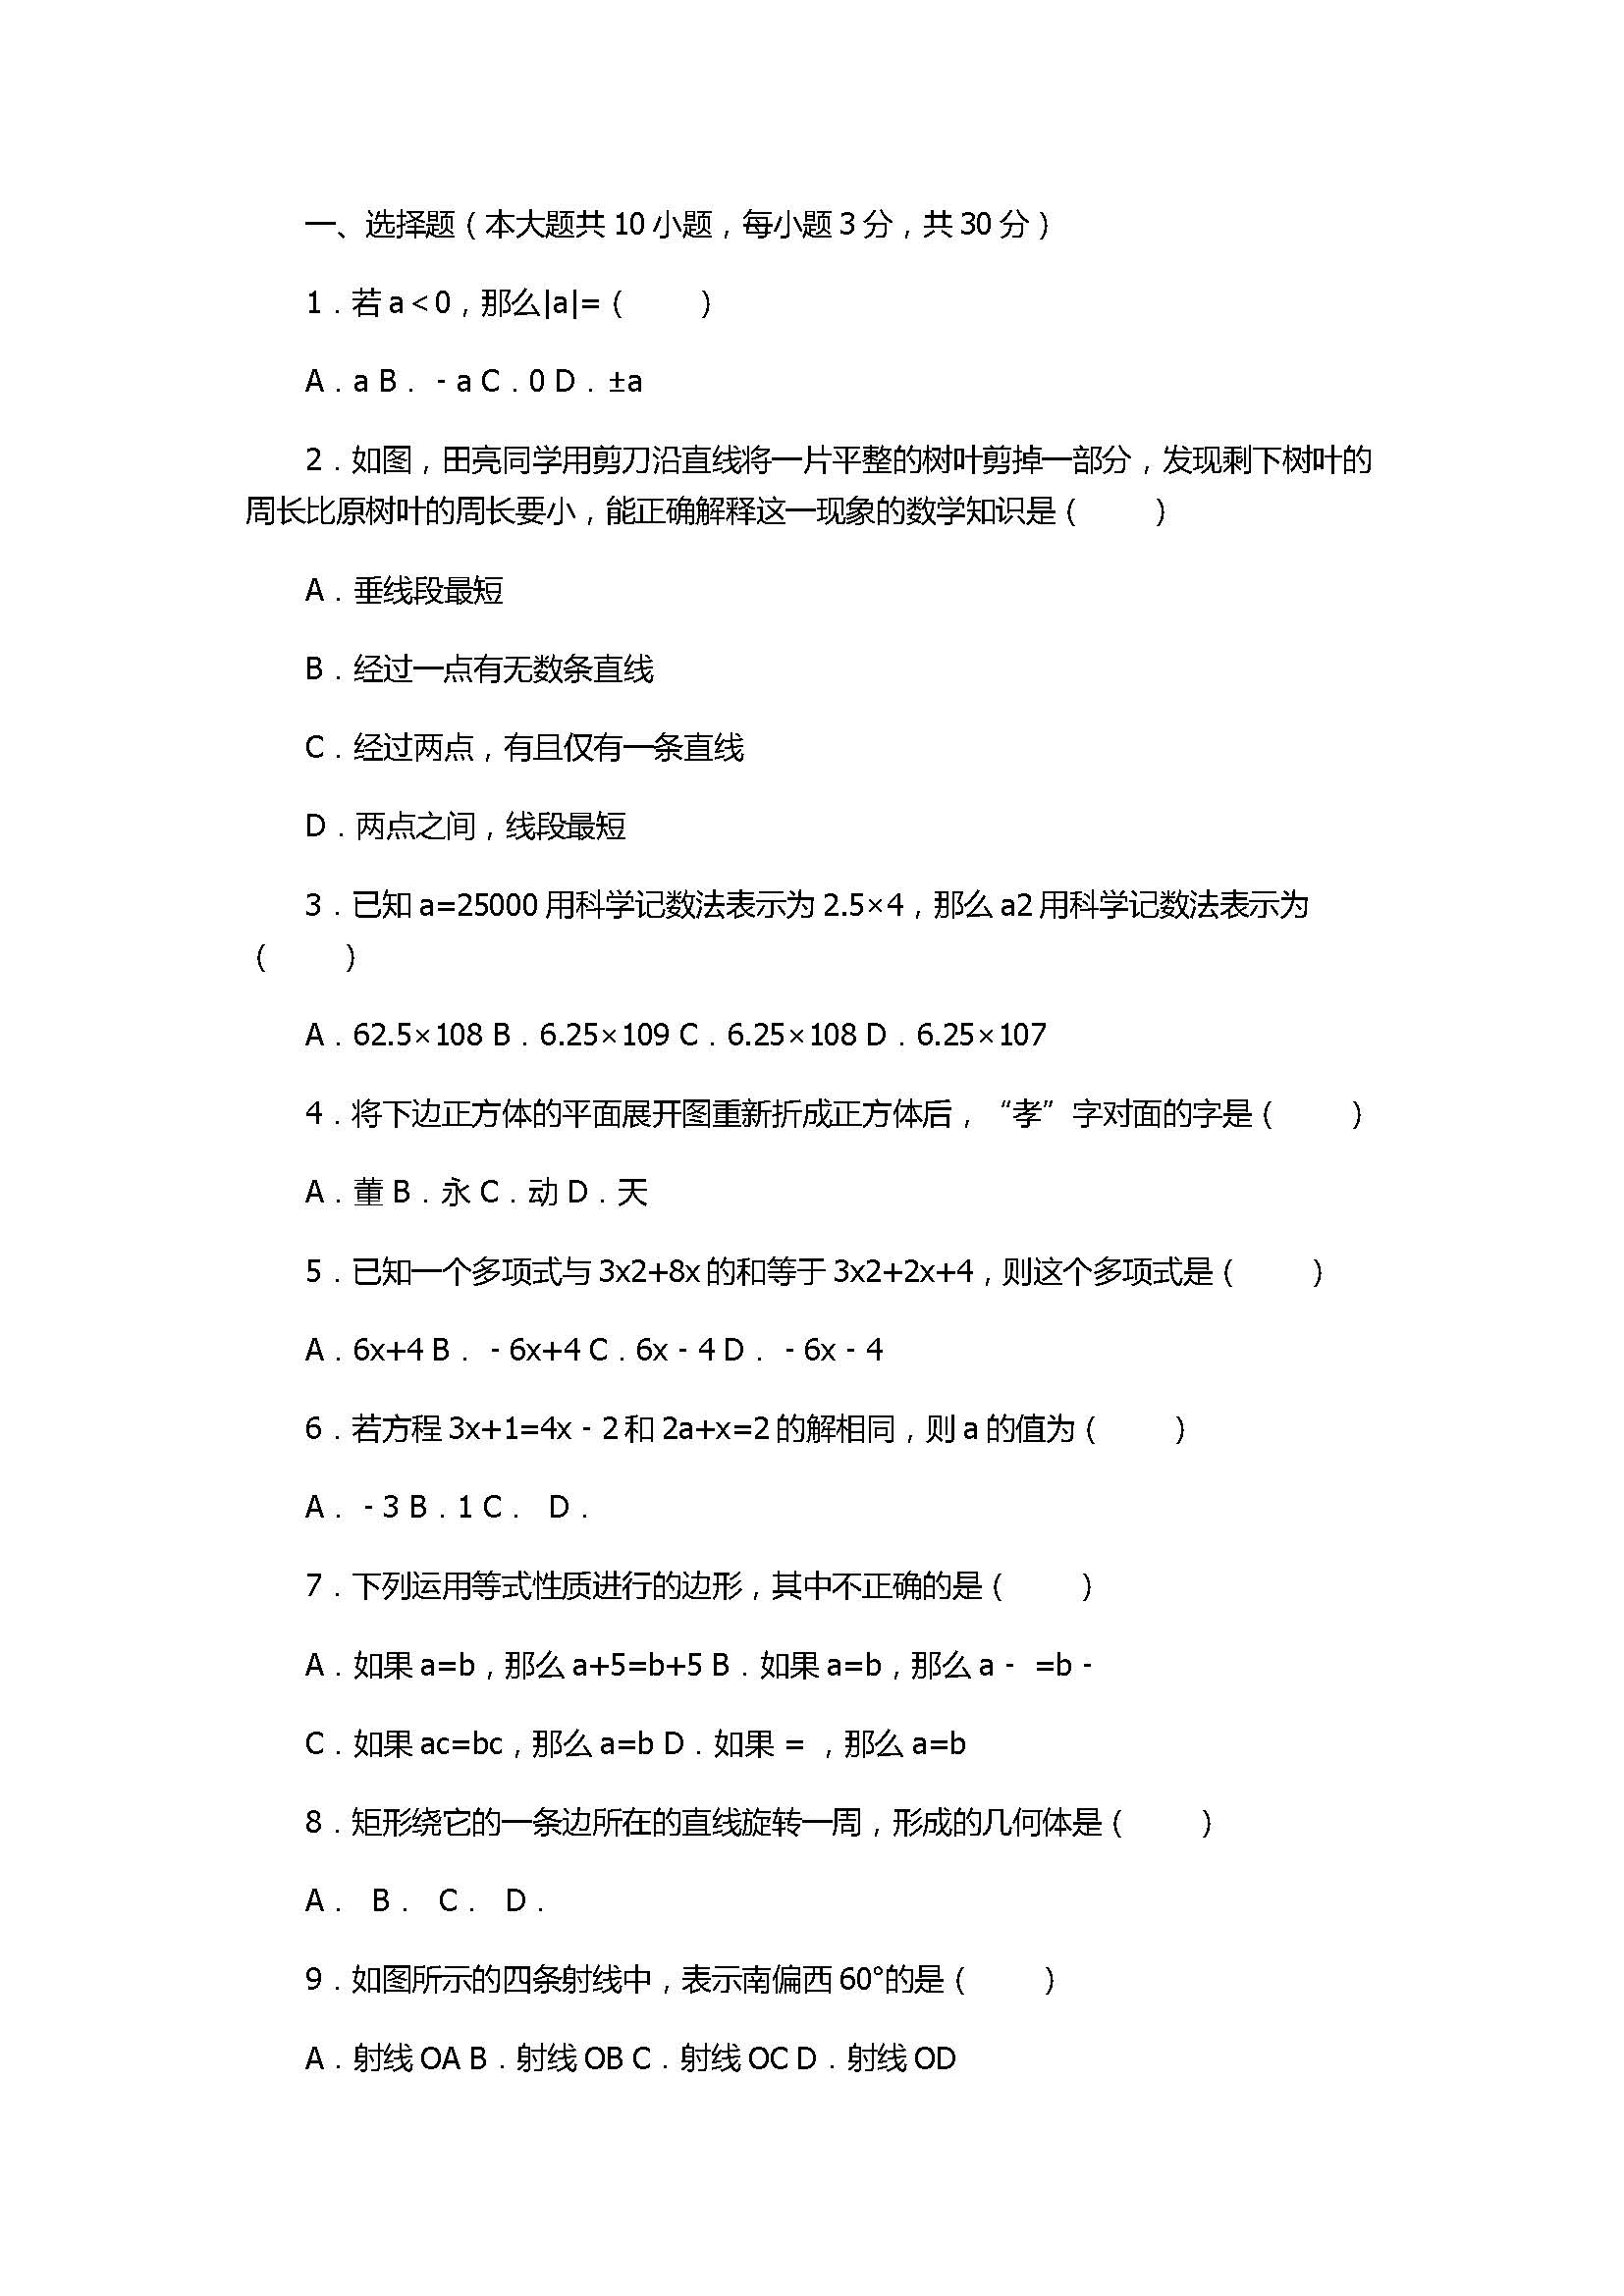 2017七年级数学期末试卷含答案及试题解释(孝感市)